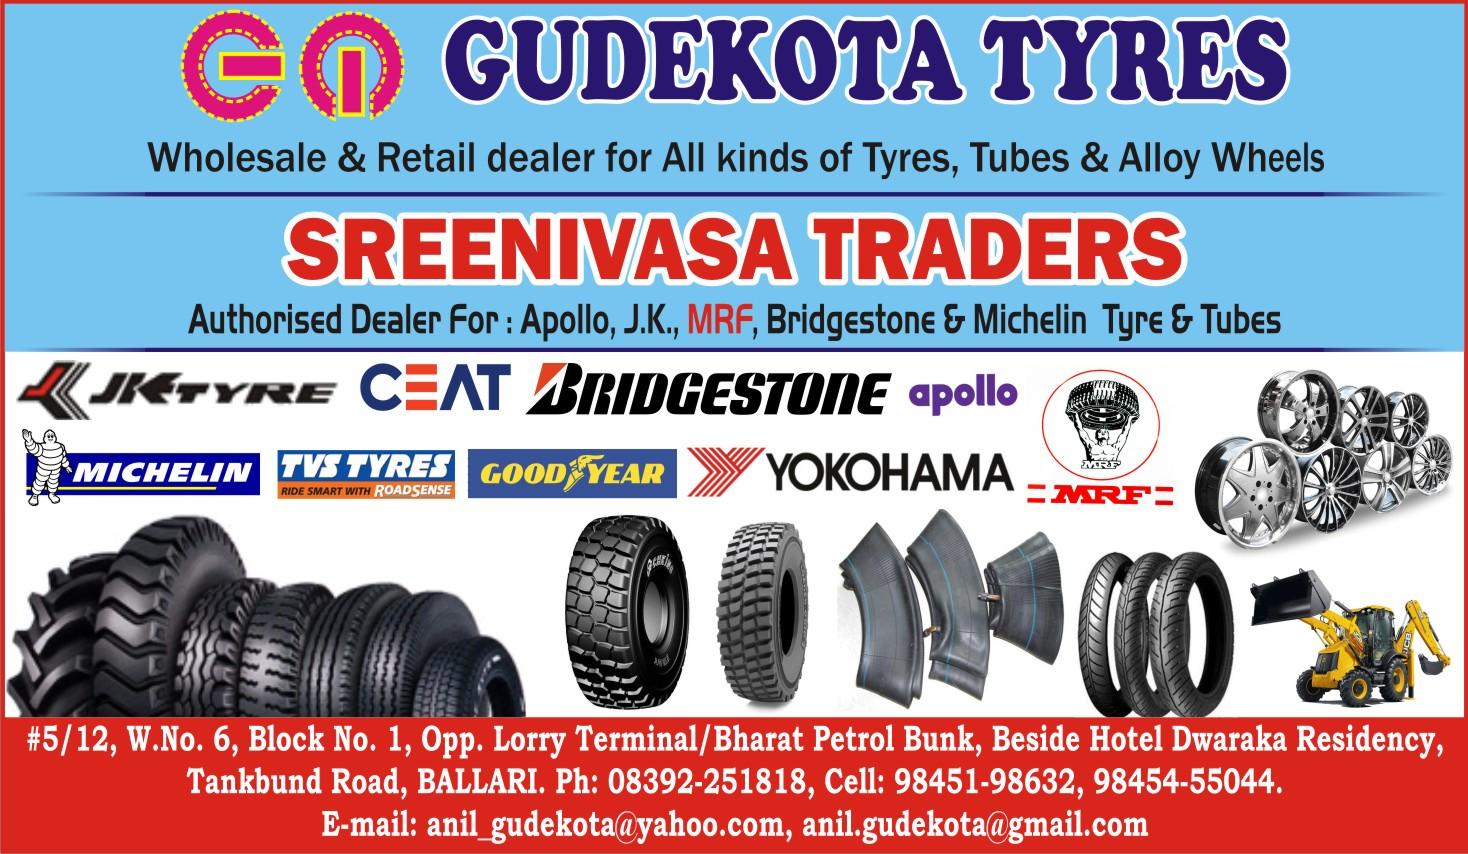 Sreenivasa Traders